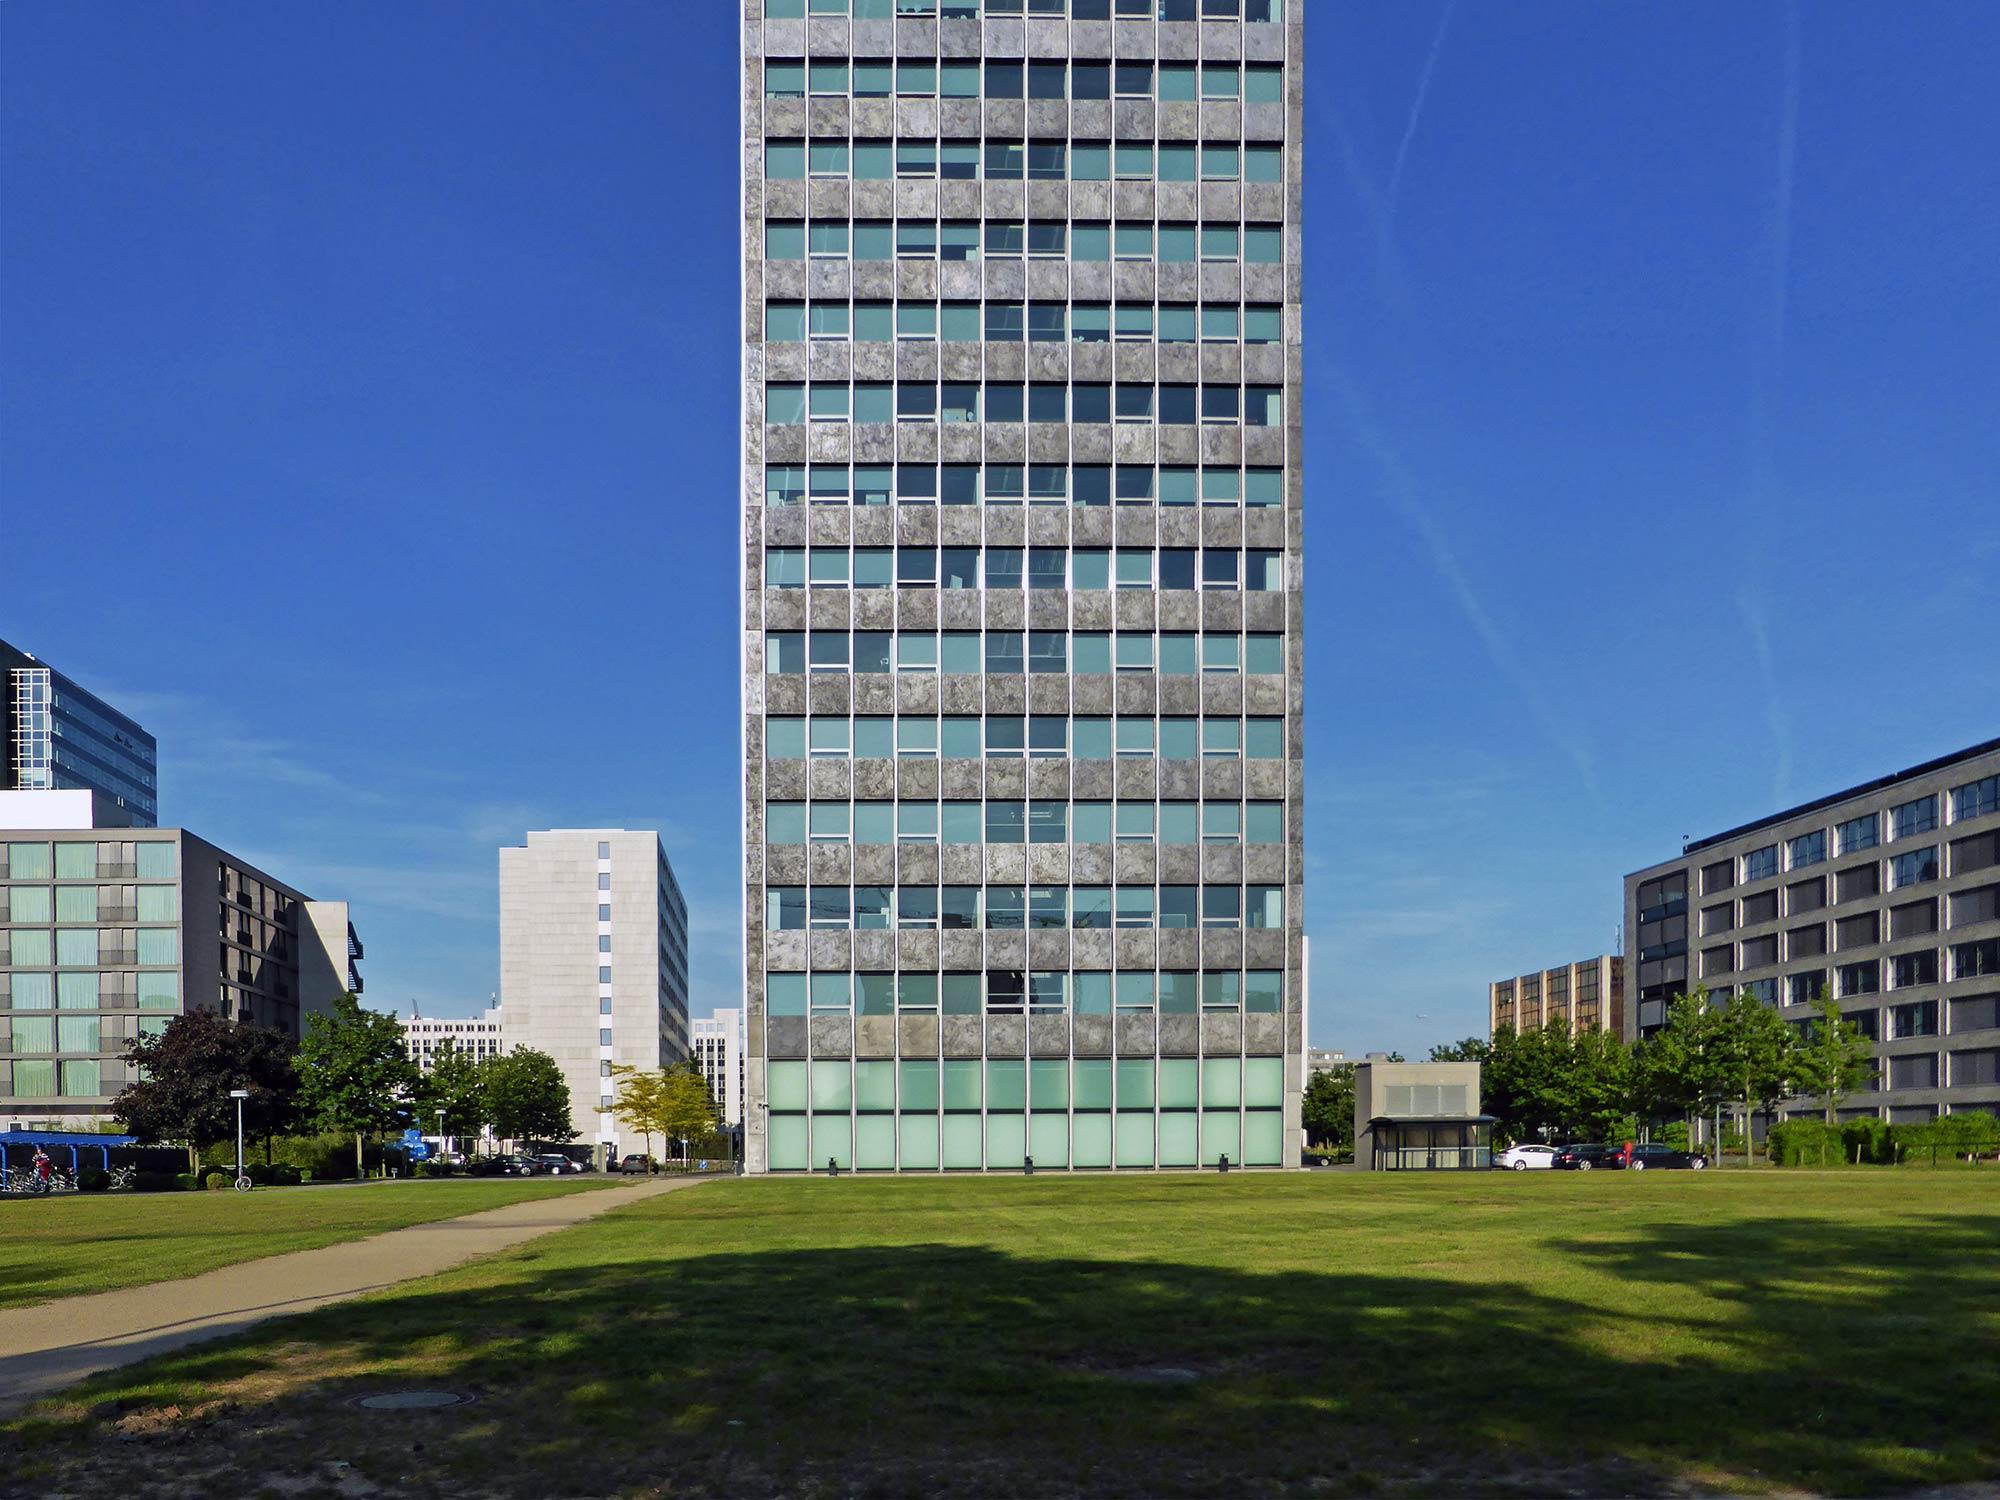 Campus Tower Frankfurt - Umgebung - Landschaftsarchitektur Hochhaus Frankfurt